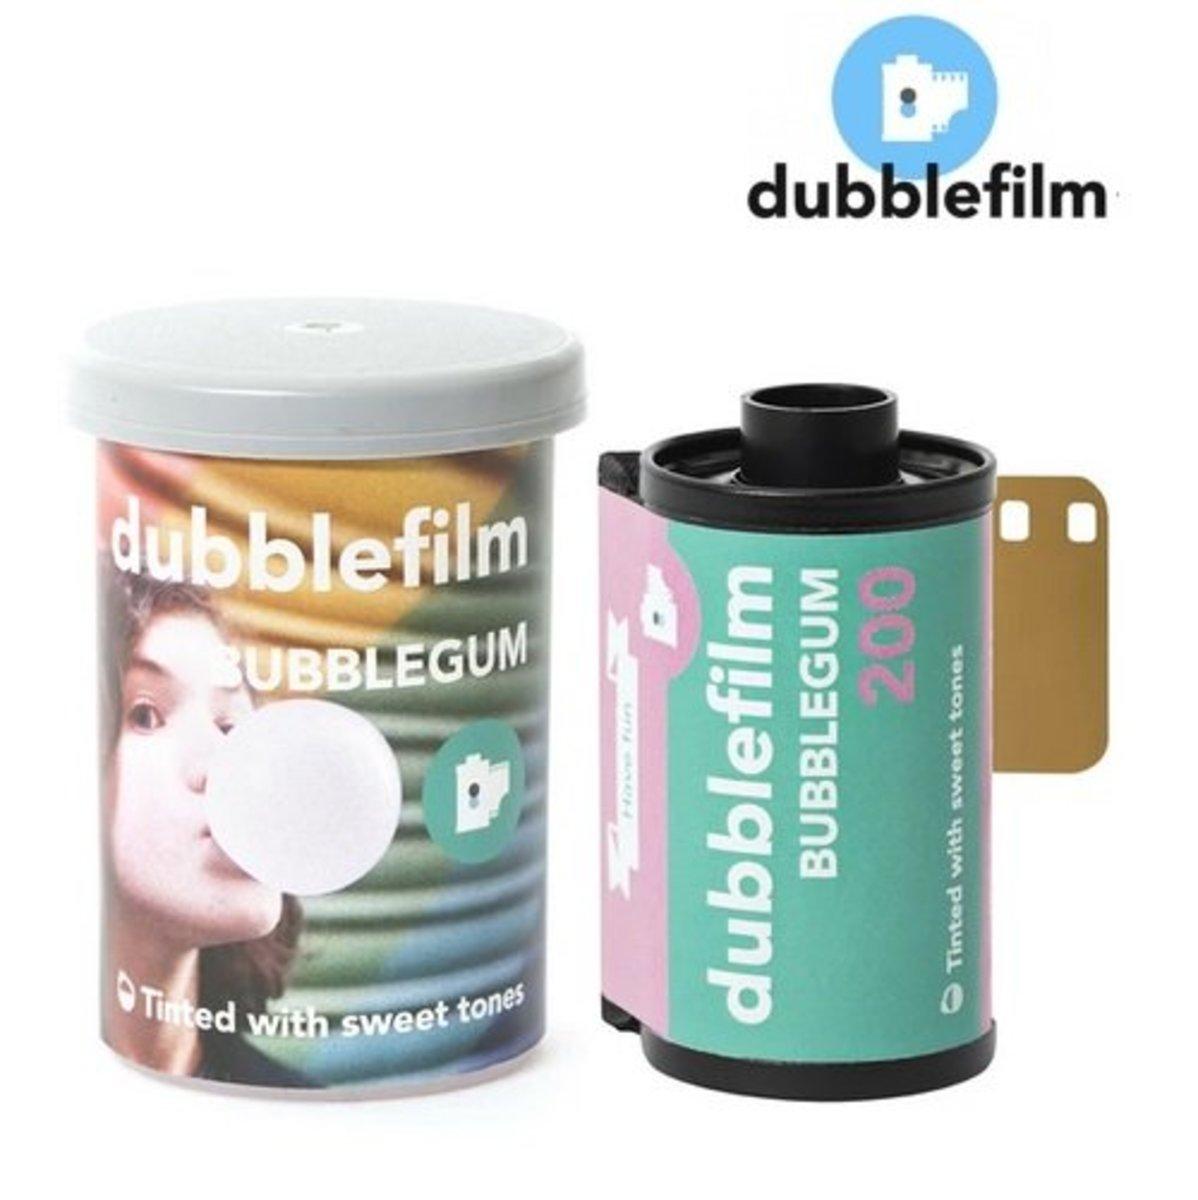 人手捲製 – 新版 dubblefilm Bubblegum 200 ISO 35mm 偏色電影菲林 (36exp)